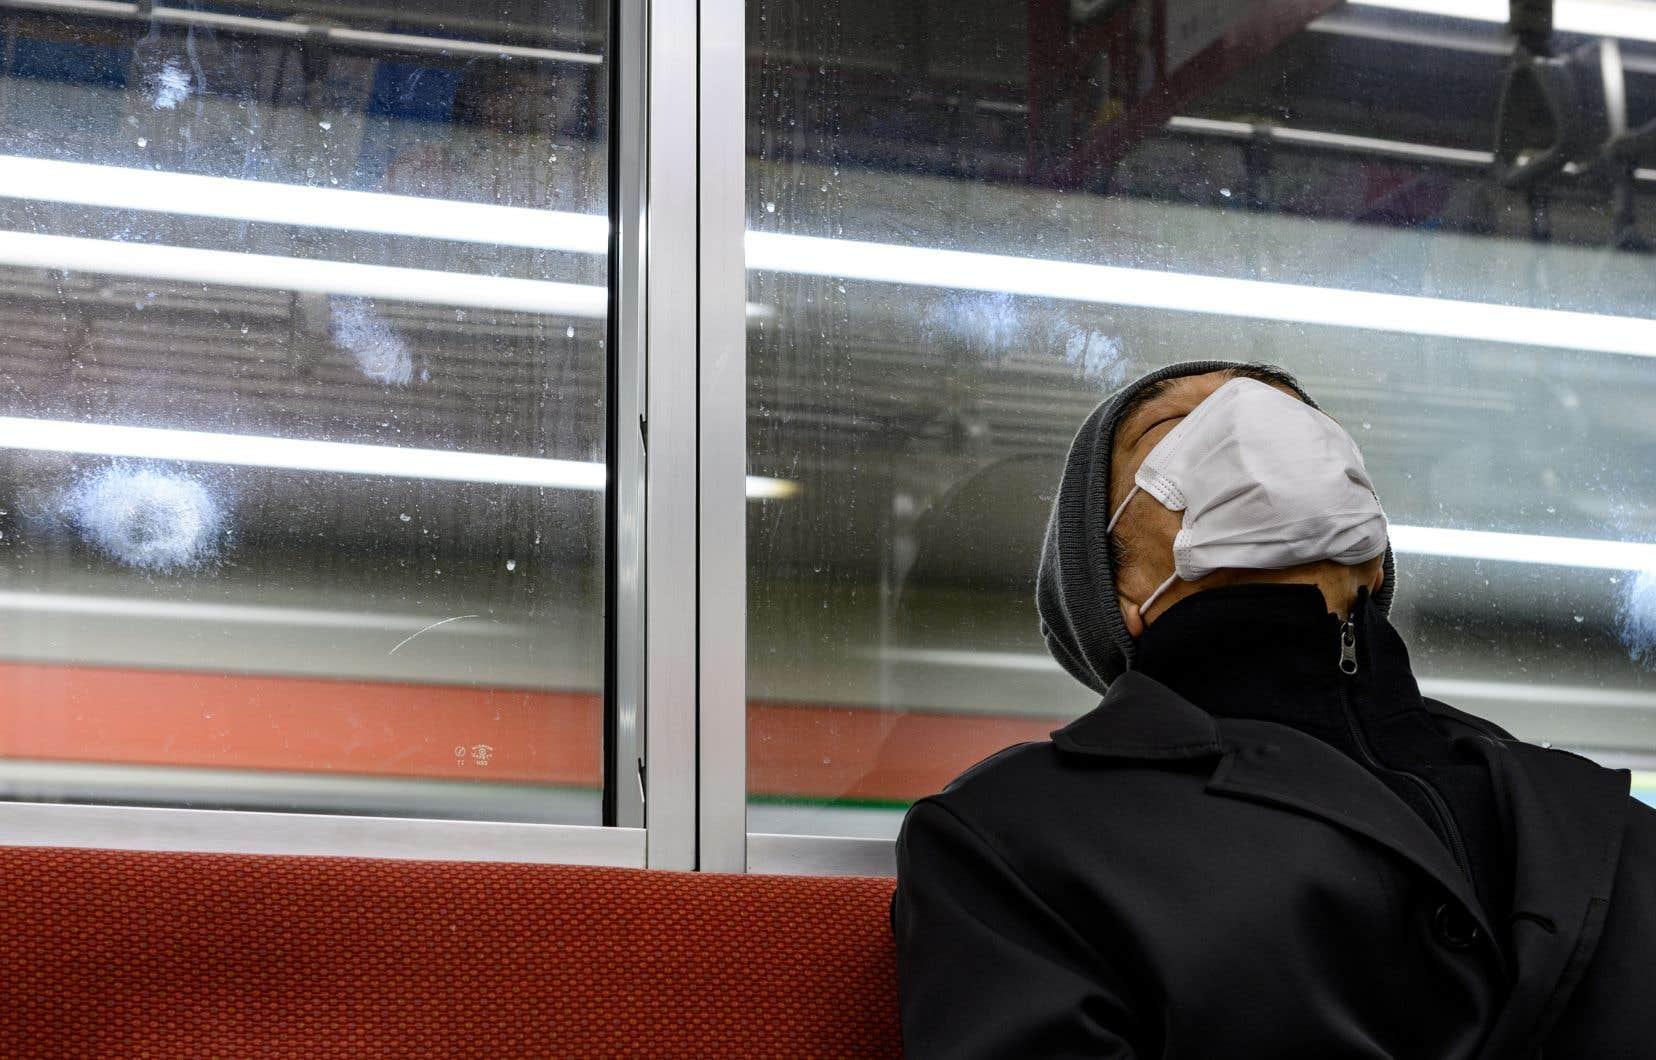 Le nouveau coronavirus provoque de graves pénuries de masques, au grand dam des autorités qui durcissent la répression contre les vendeurs d'articles jugés dangereux.